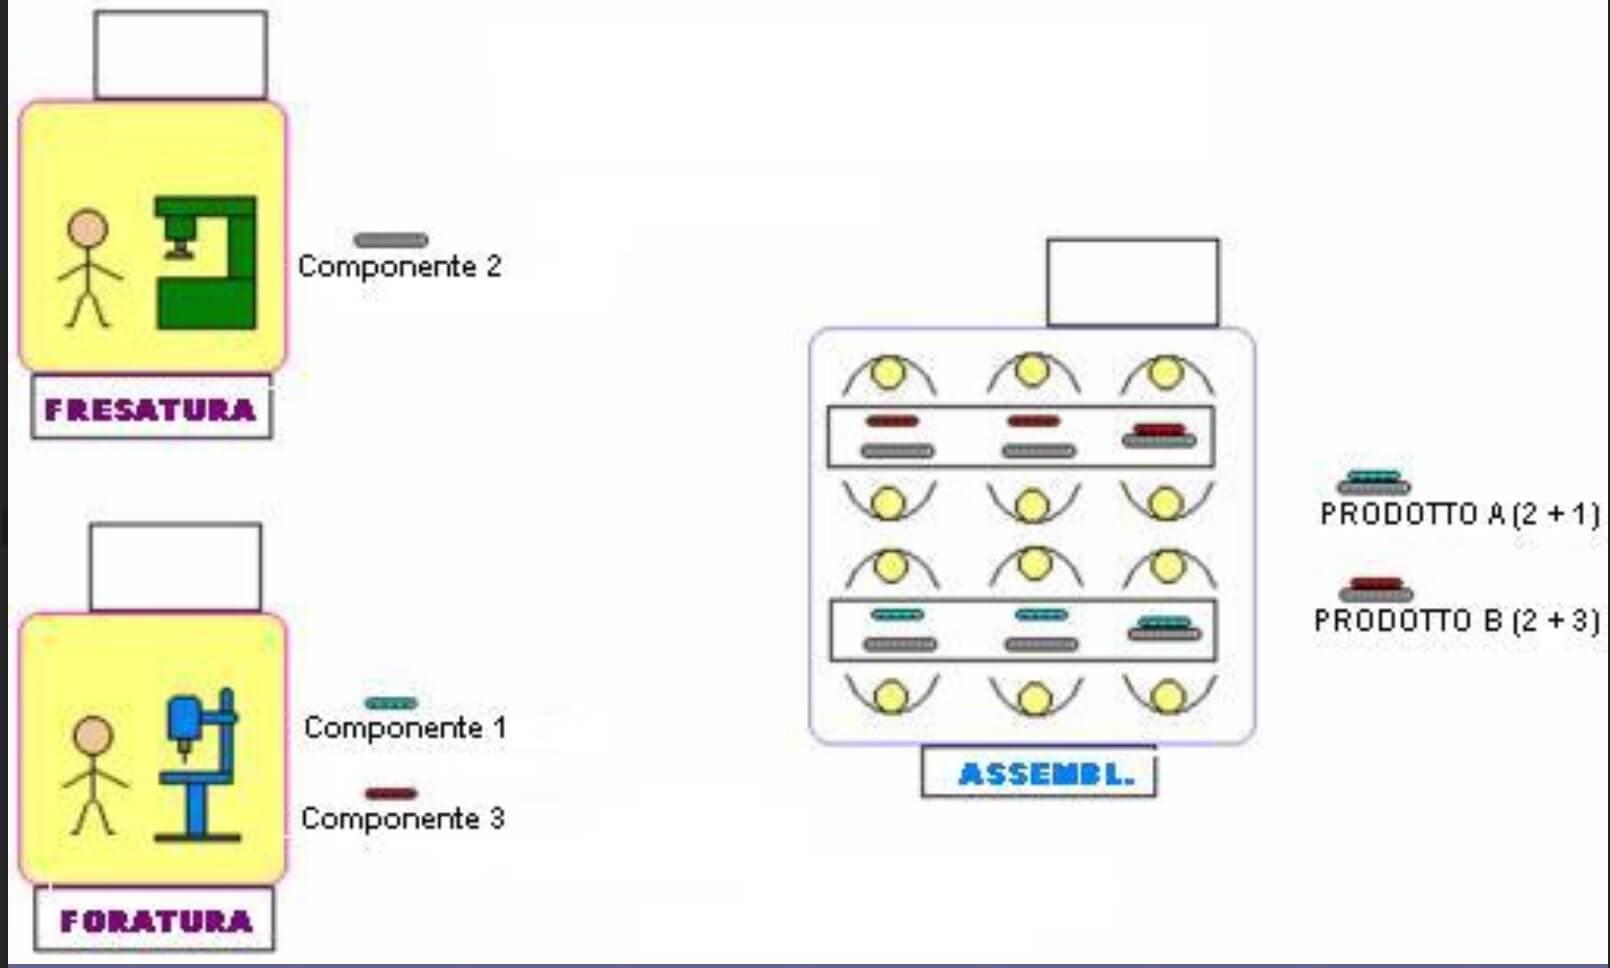 Il metodo Kanban: un esempio per capirlo meglio